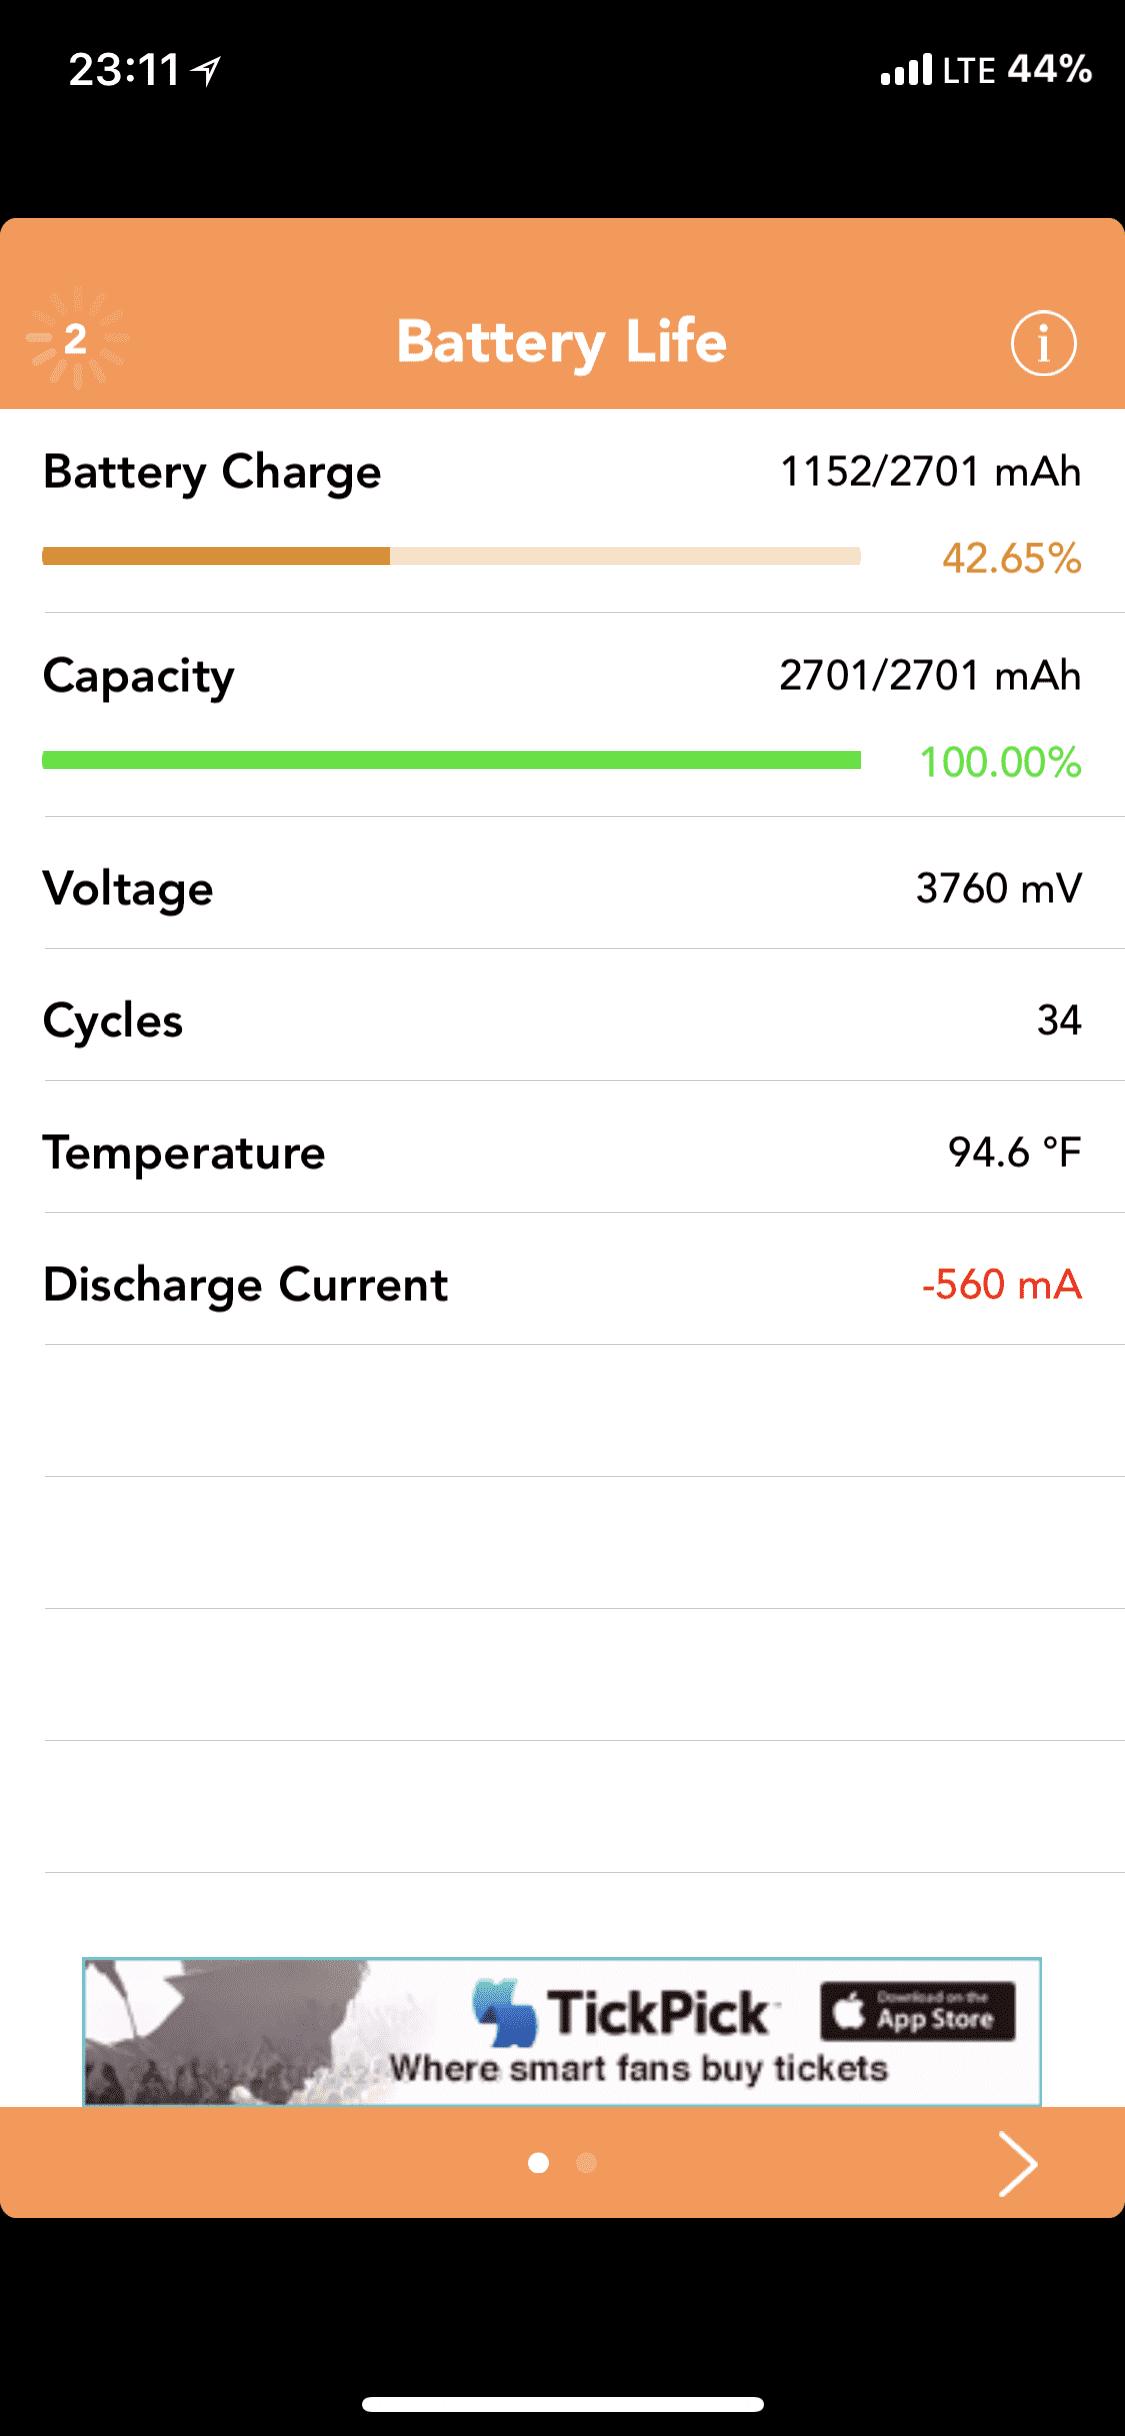 Dodatek BatteryLife z Cydii kompatybilny z iOS 11 cydia-i-jailbreak iOS 11, Cydia, BatteryLife  Za czasów korzystania z Jailbreak za każdym razem decydowałem się na instalację aplikacji BatteryLife. Dzięki niej miałem pełny wgląd w kondycję baterii, dodatkowe informacje i poprawne wyświetlanie % baterii. eIYbGSW